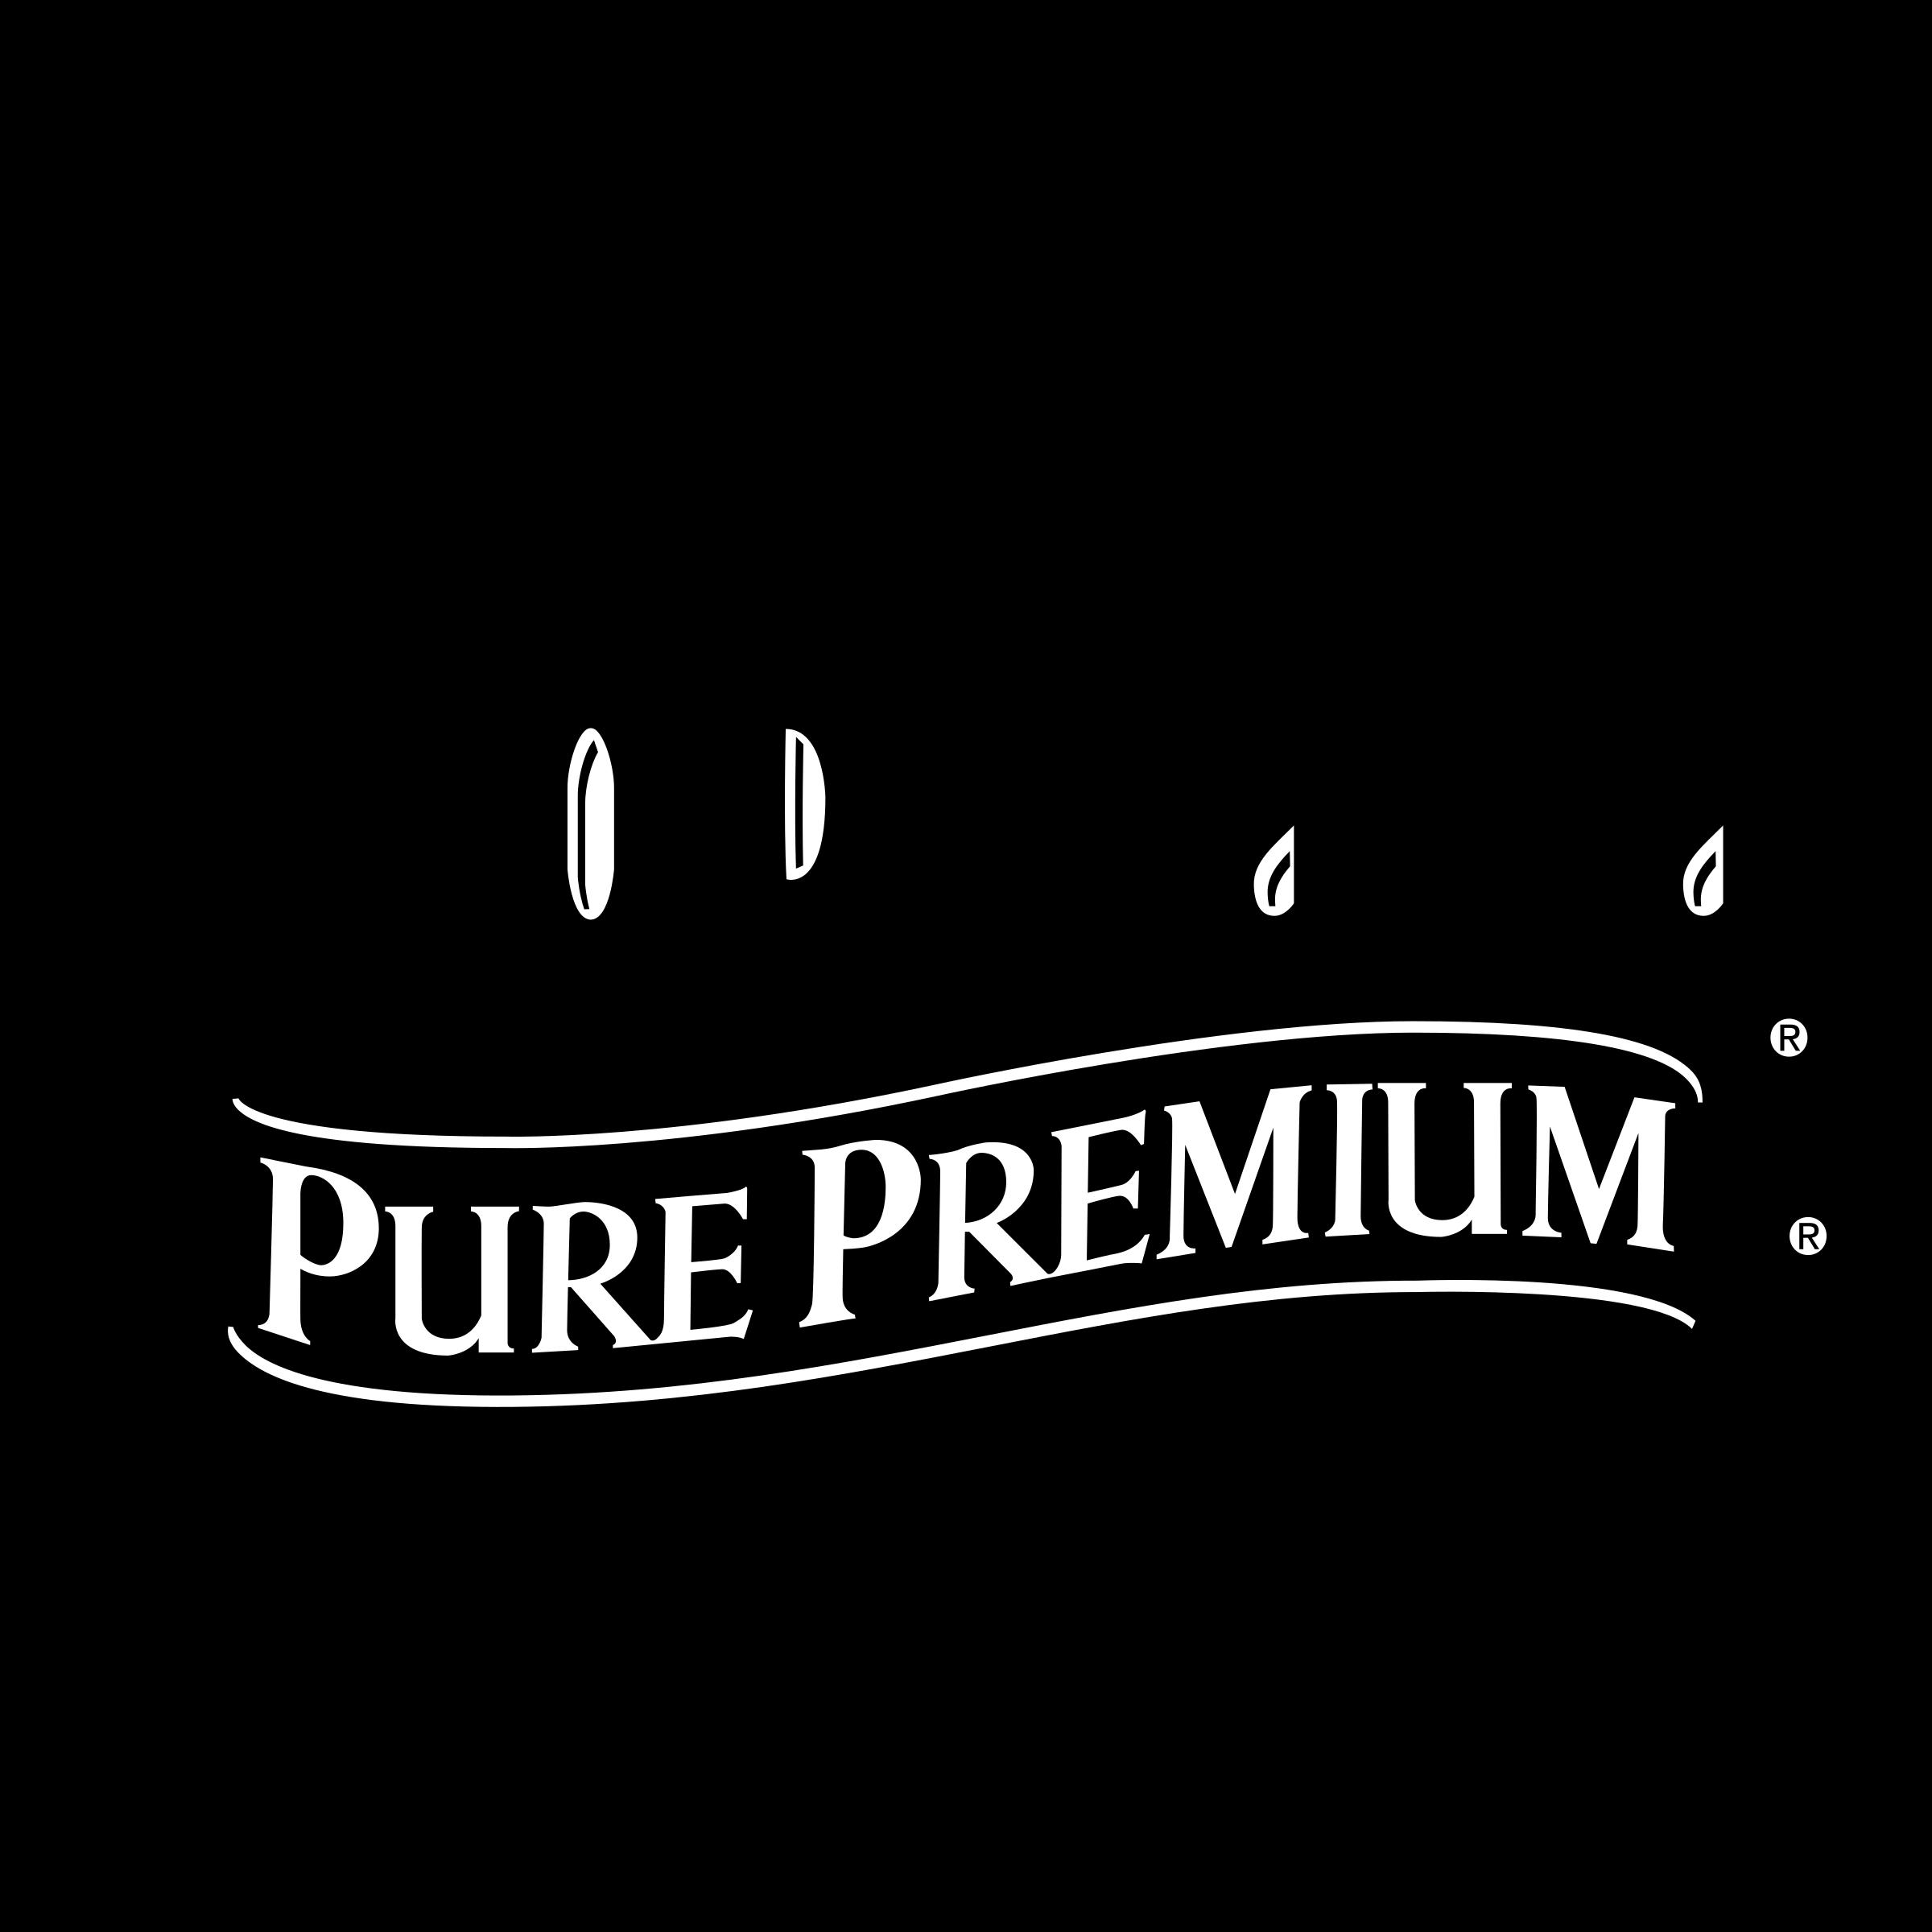 50+ Premium Logo Vector